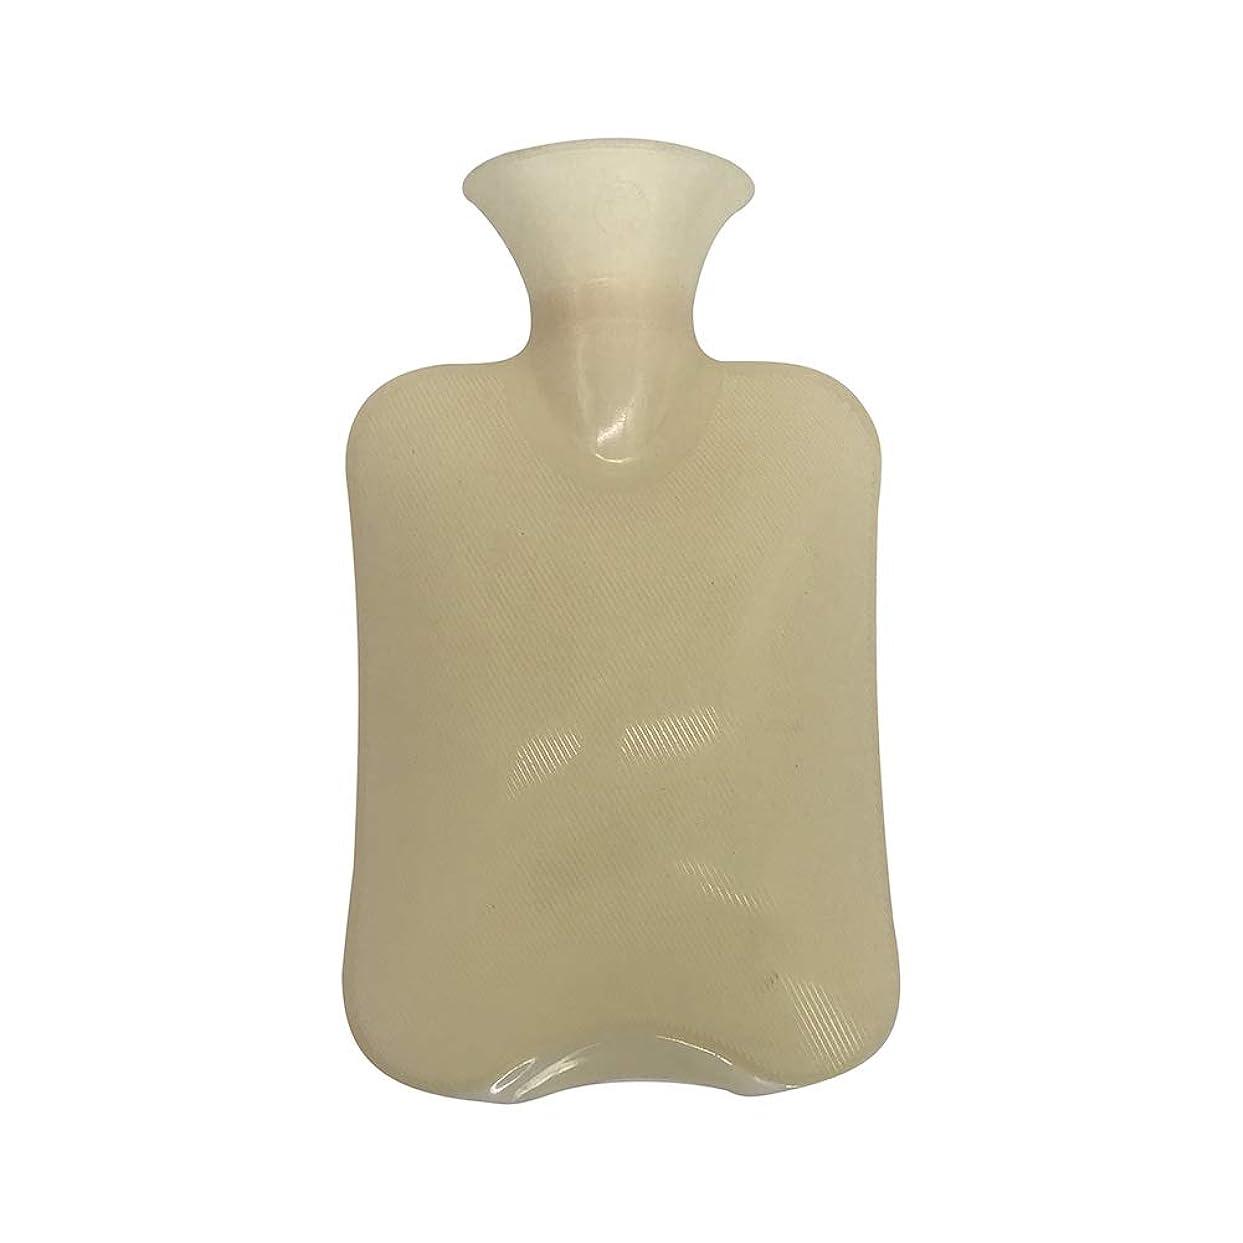 報酬の炭素おもしろいWholehot 1000ml 湯たんぽ 注水式ユタンポ ニット PVC製 温水バッグ ホットウォーターボトル 腹/ウエスト/肩/手/体 冷え性 生理痛 腰痛などに対策 溢れ防止 くり返し使用可能 安全安心